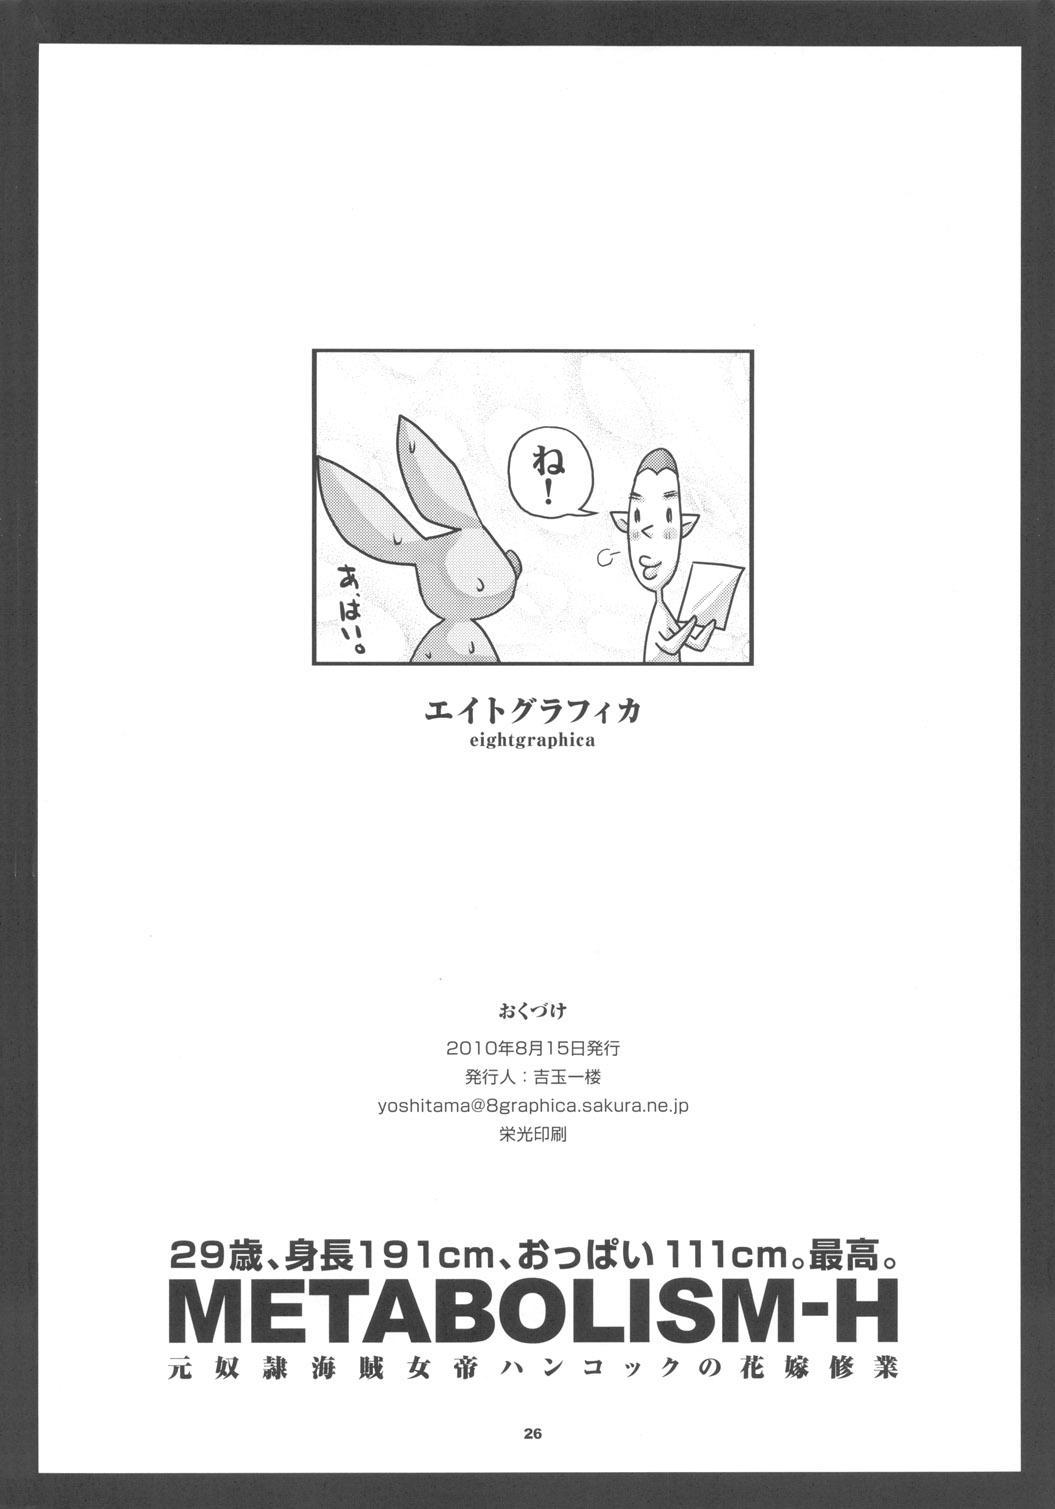 Metabolism-H Moto Dorei Kaizoku Jotei Hancock no Hanayome Shiyugyou 24